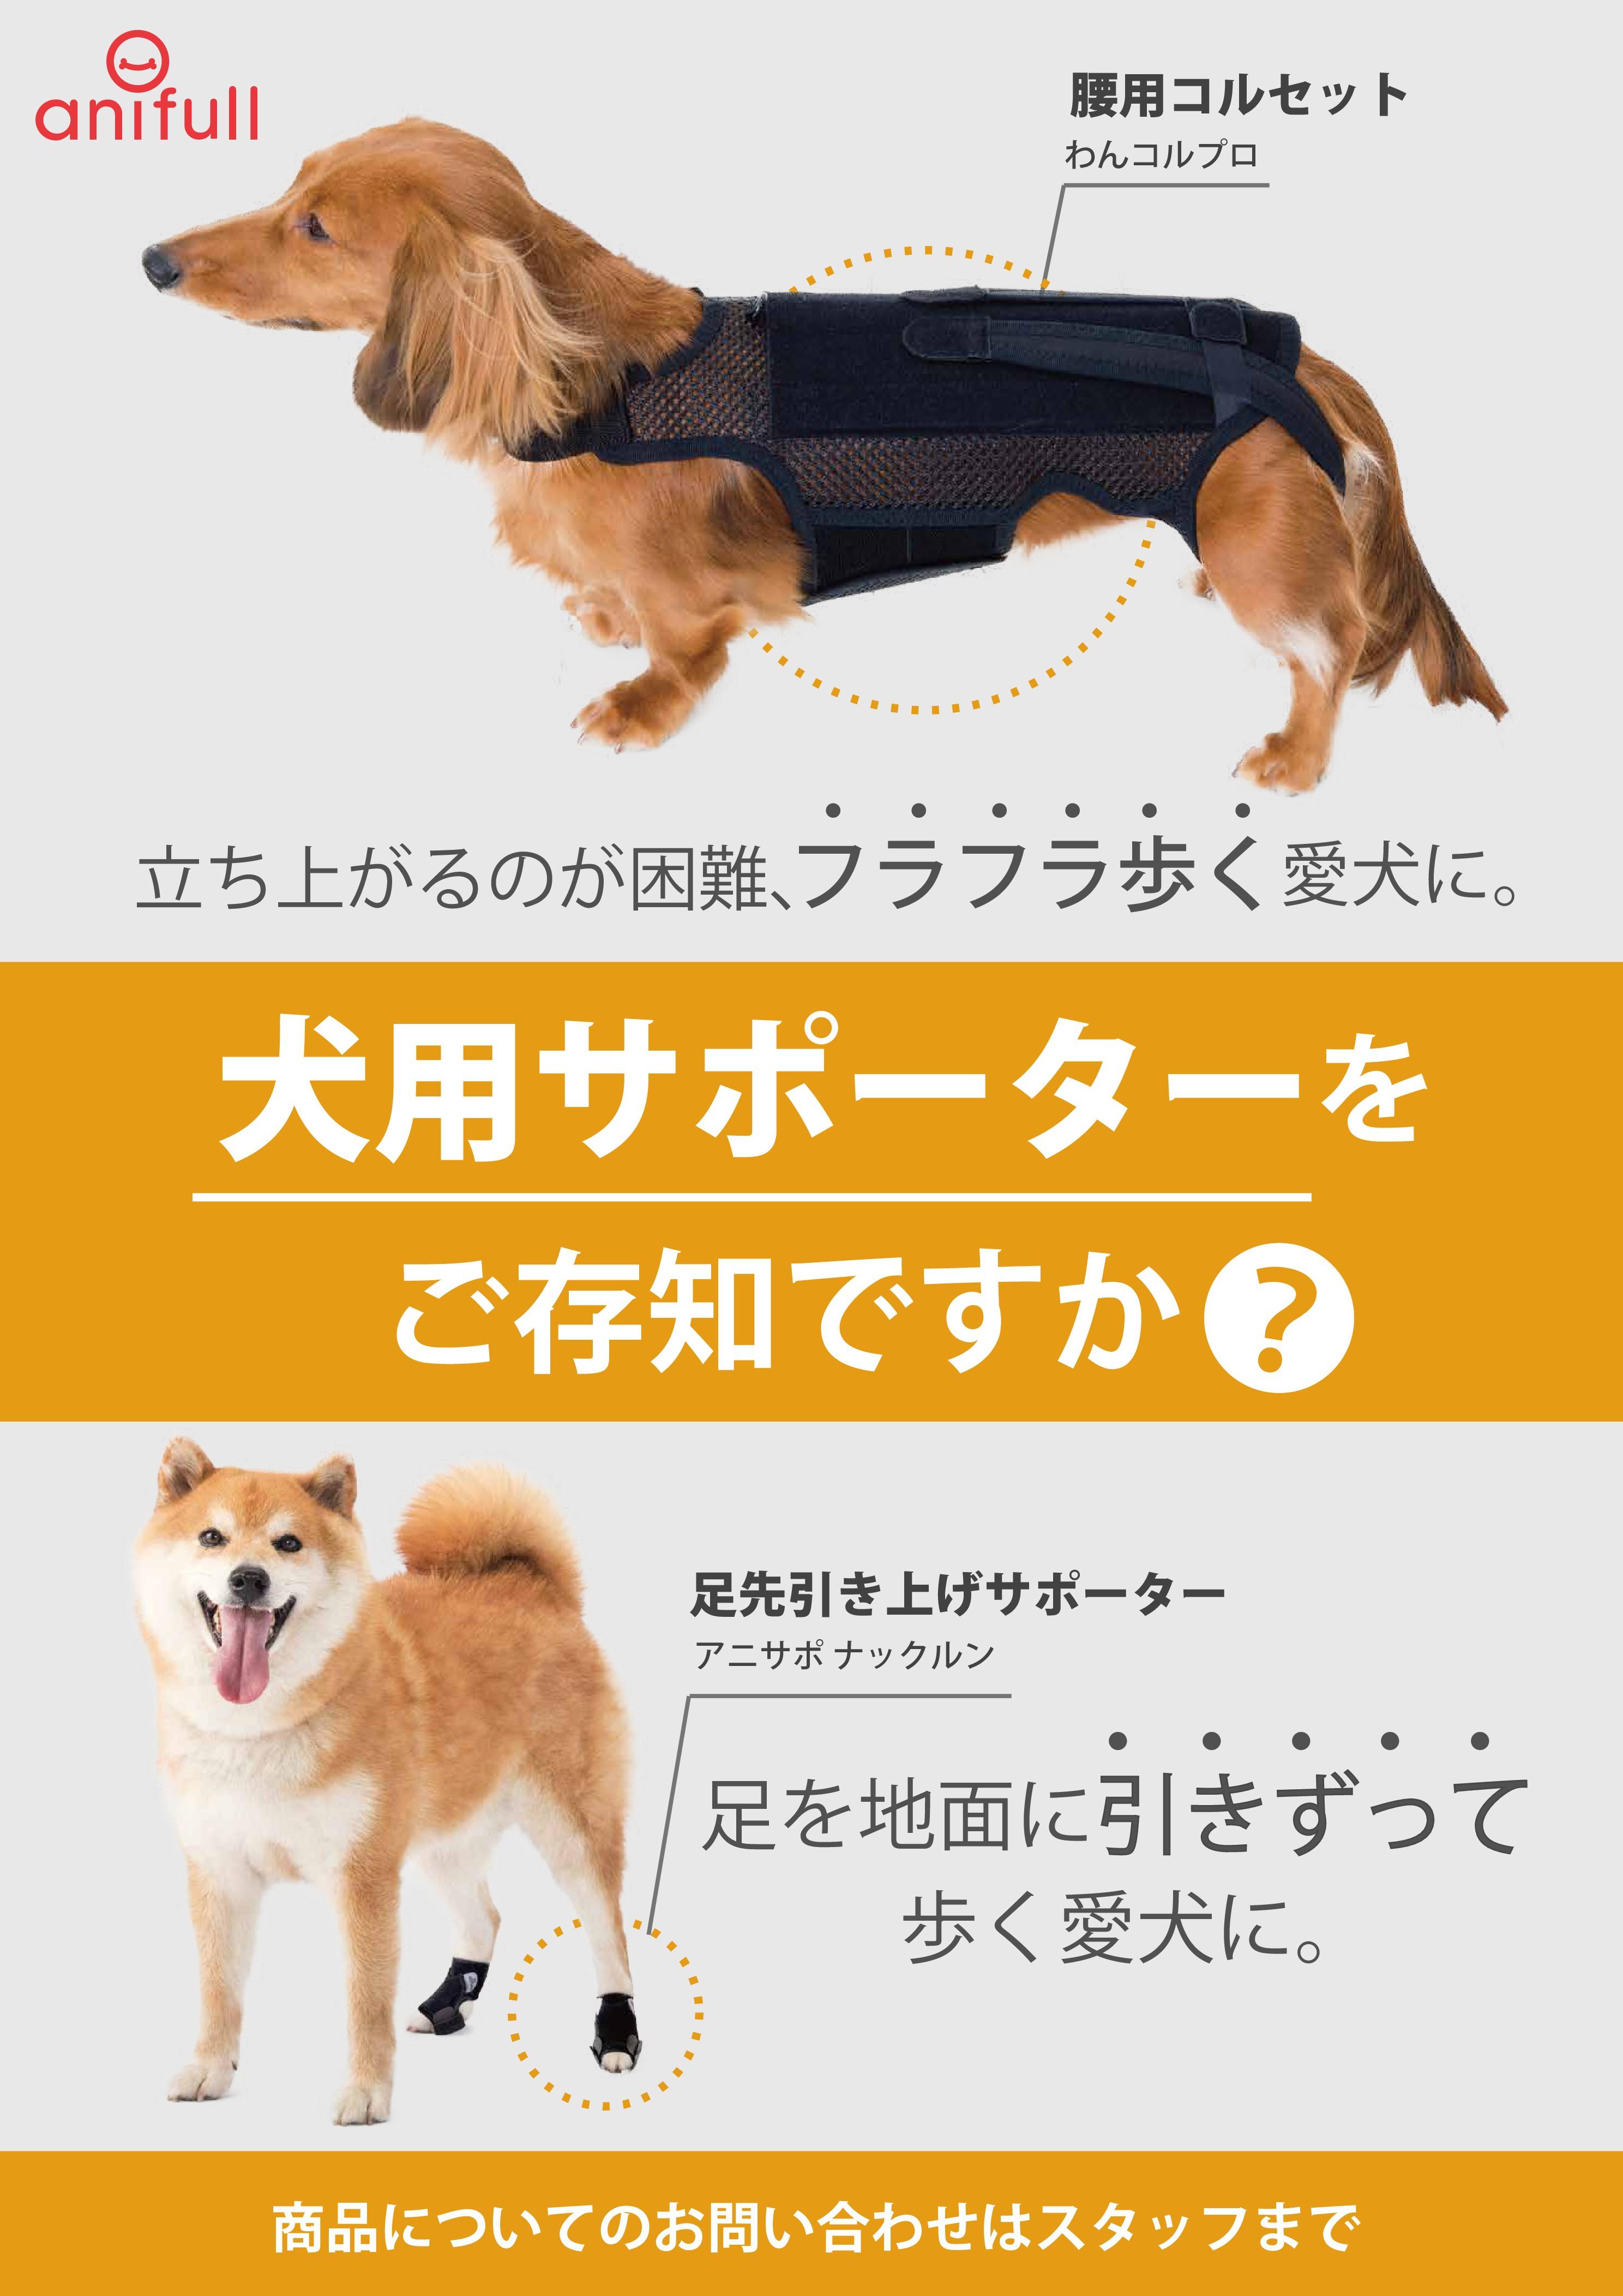 立ち上がるのが困難、フラフラ歩く、足を引きずって歩く愛犬のための犬用サポーター